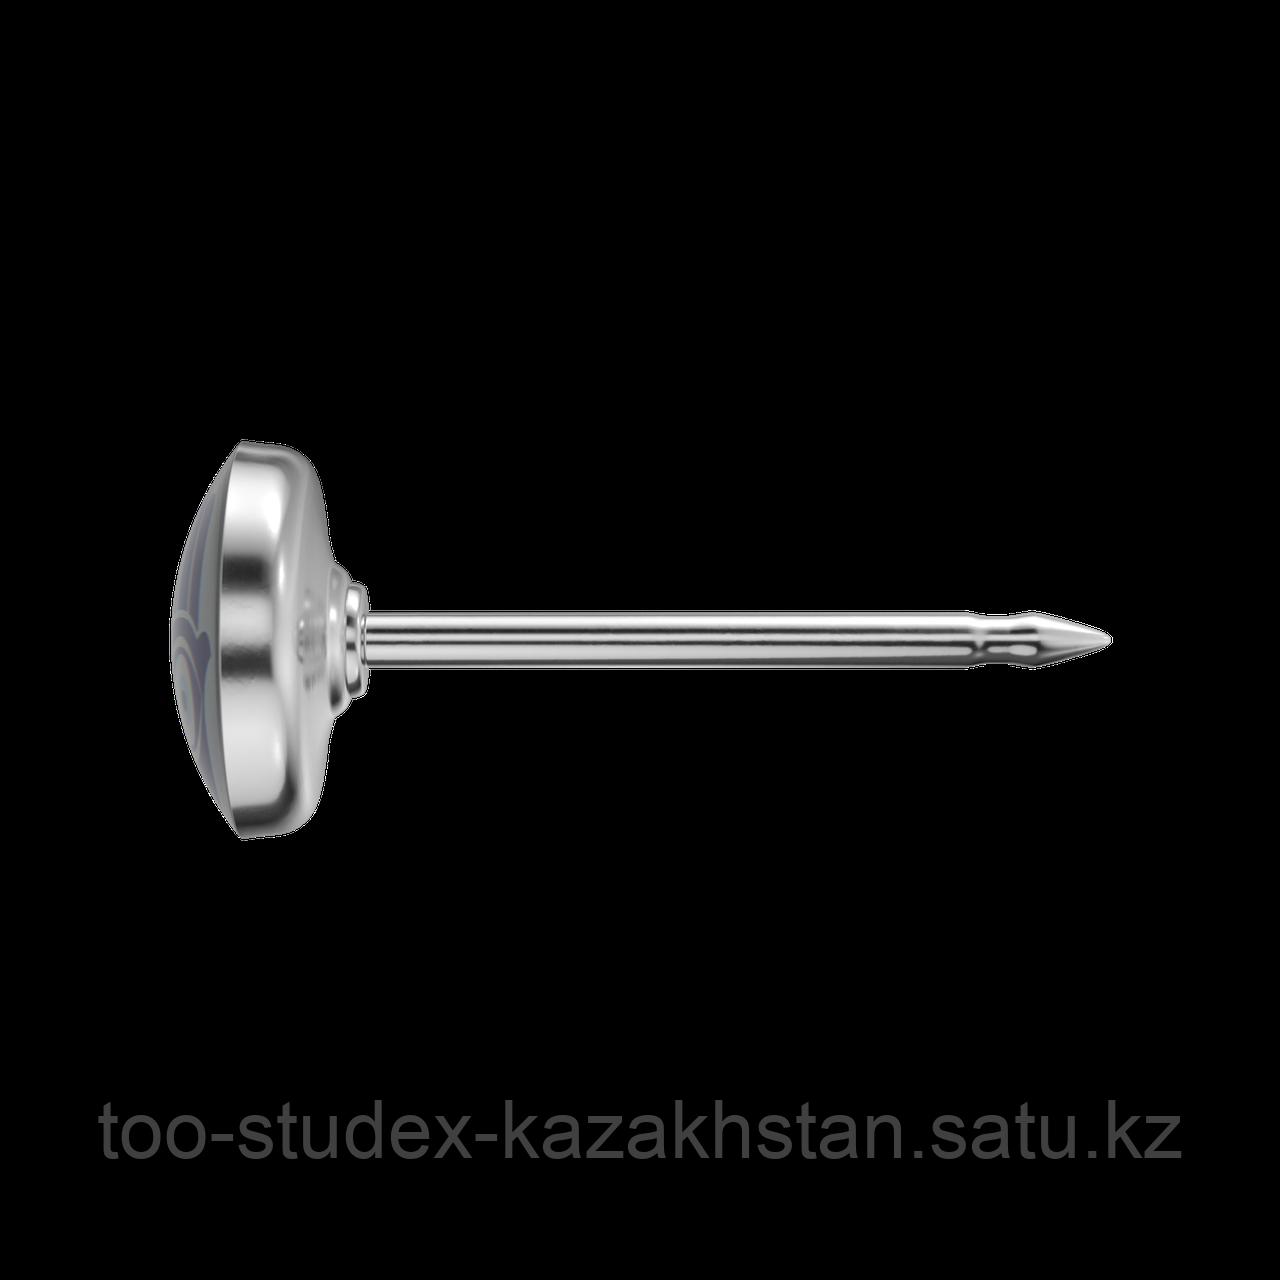 """7512-0669 Серьги для прокола STUDEX System75 """"Рука Фатимы"""" - фото 4"""